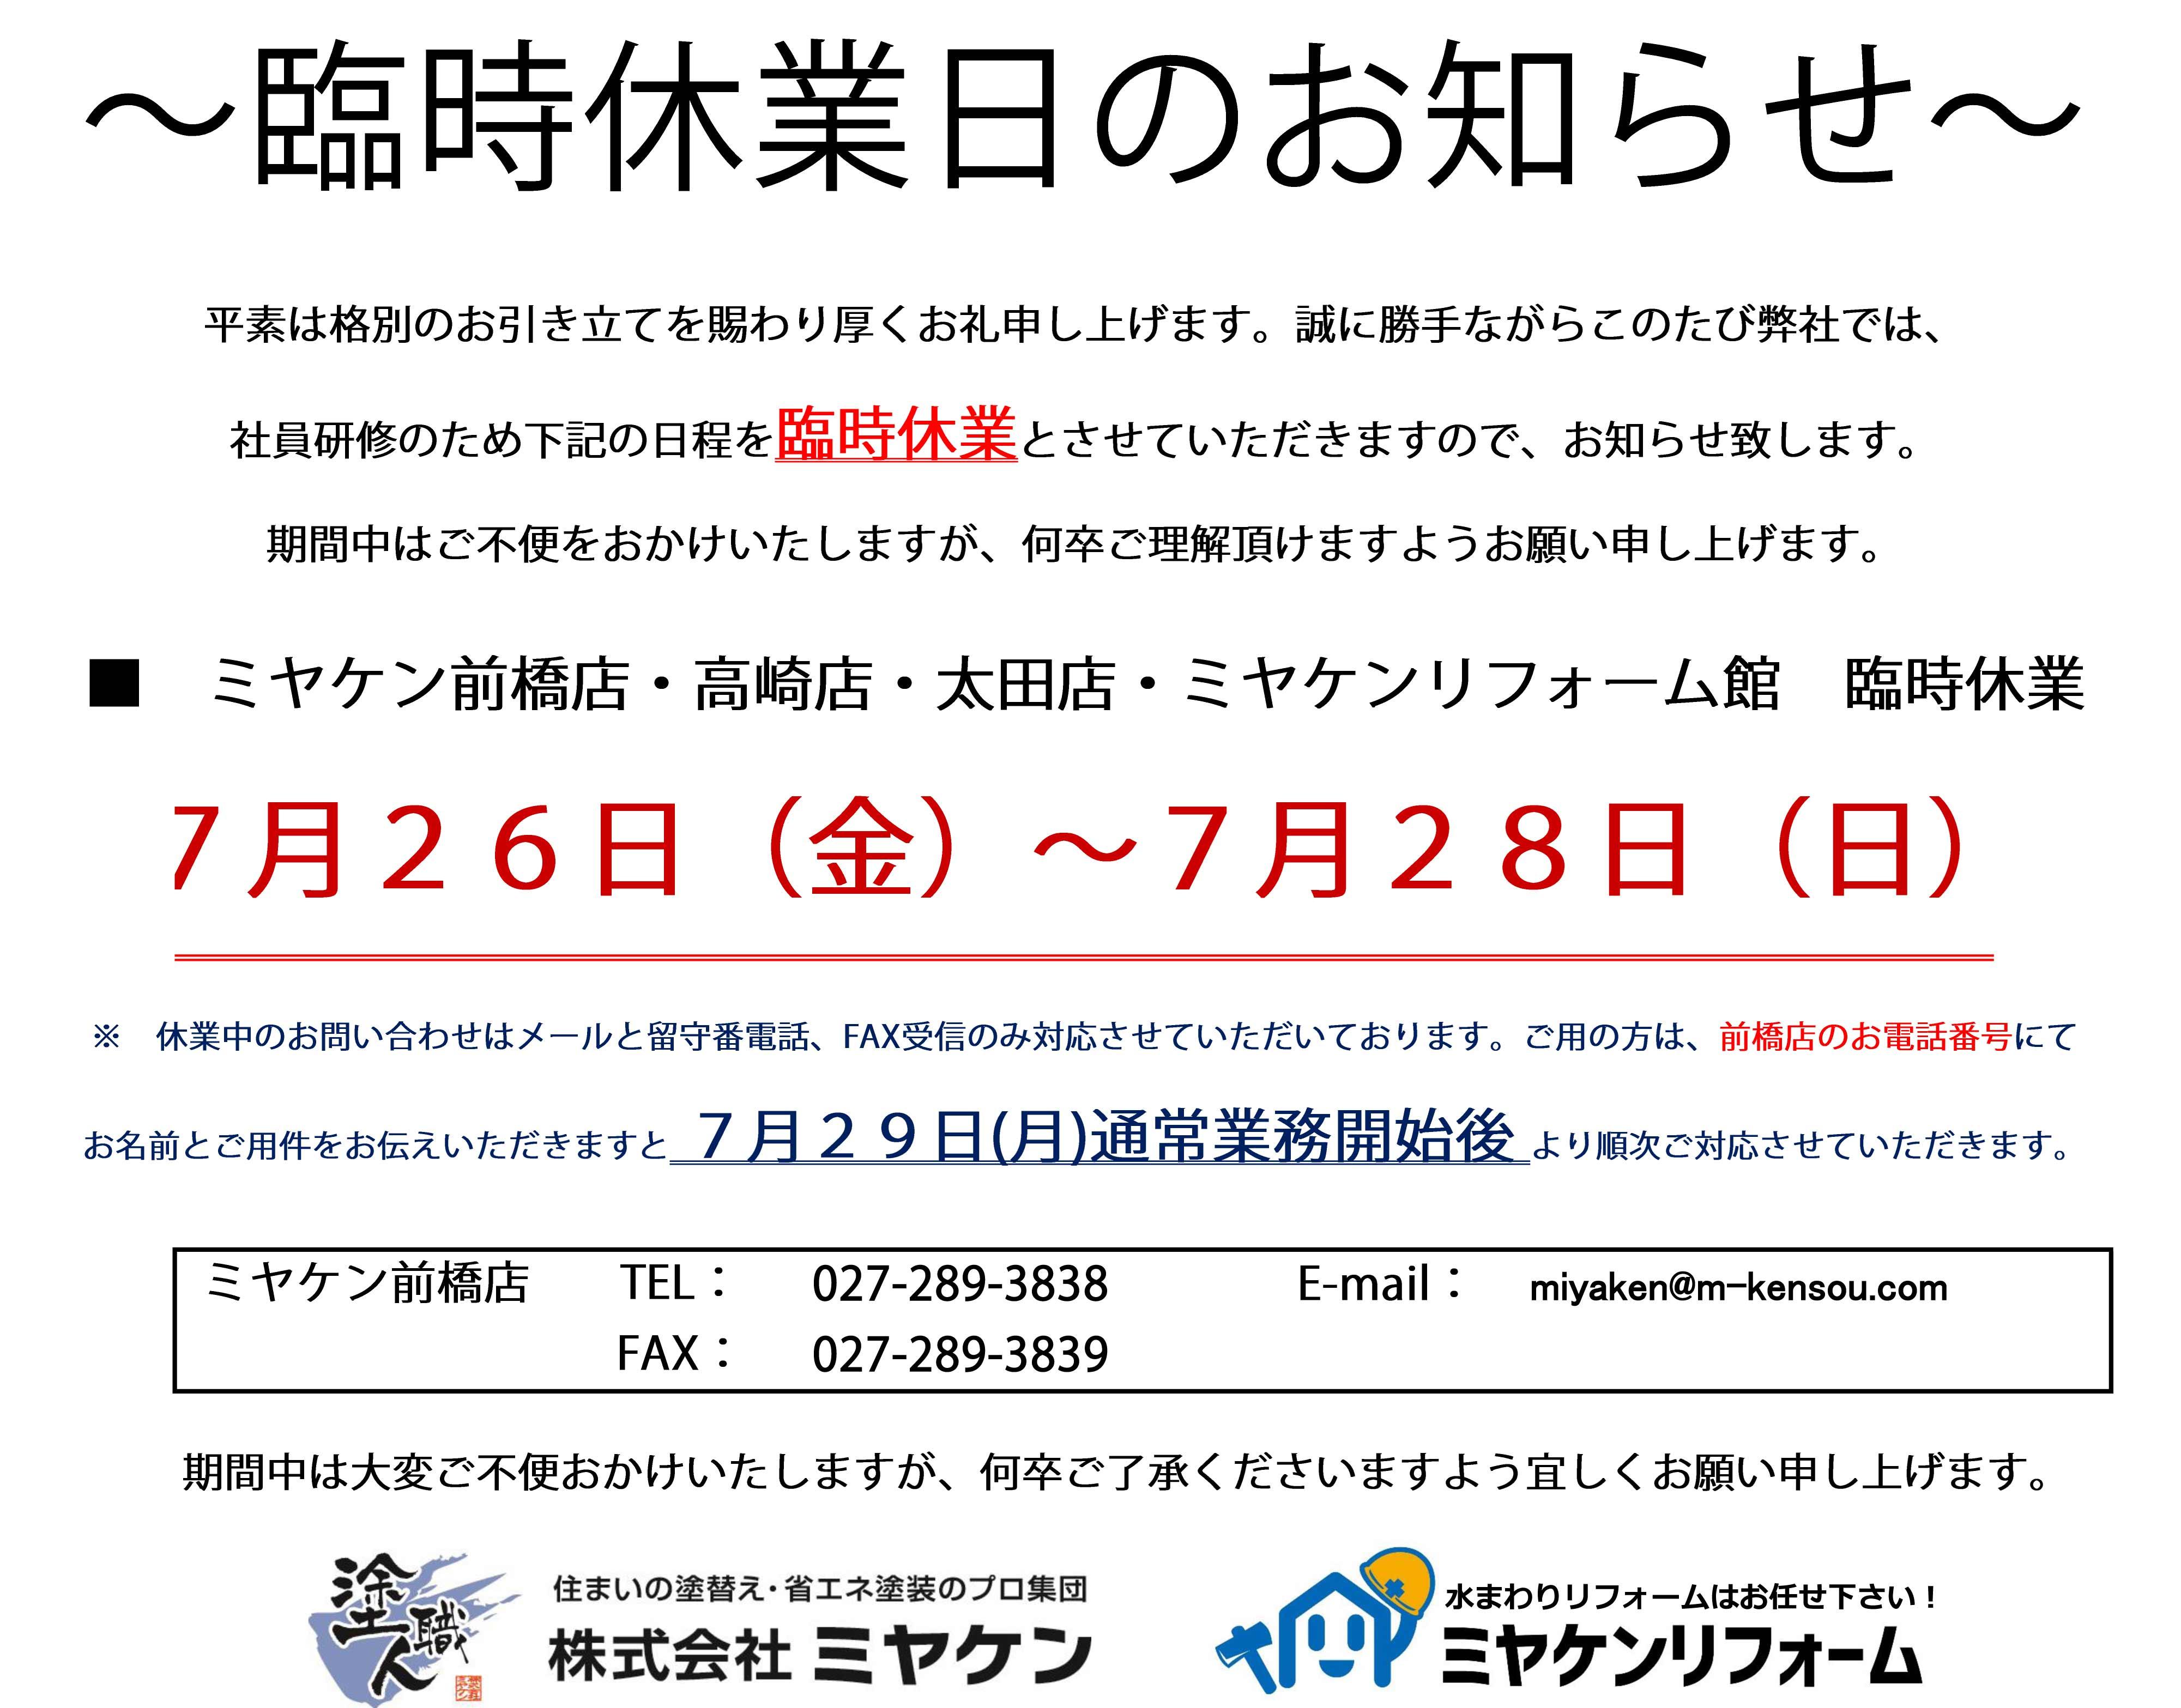 【7/26~7/28 臨時休業のお知らせ】